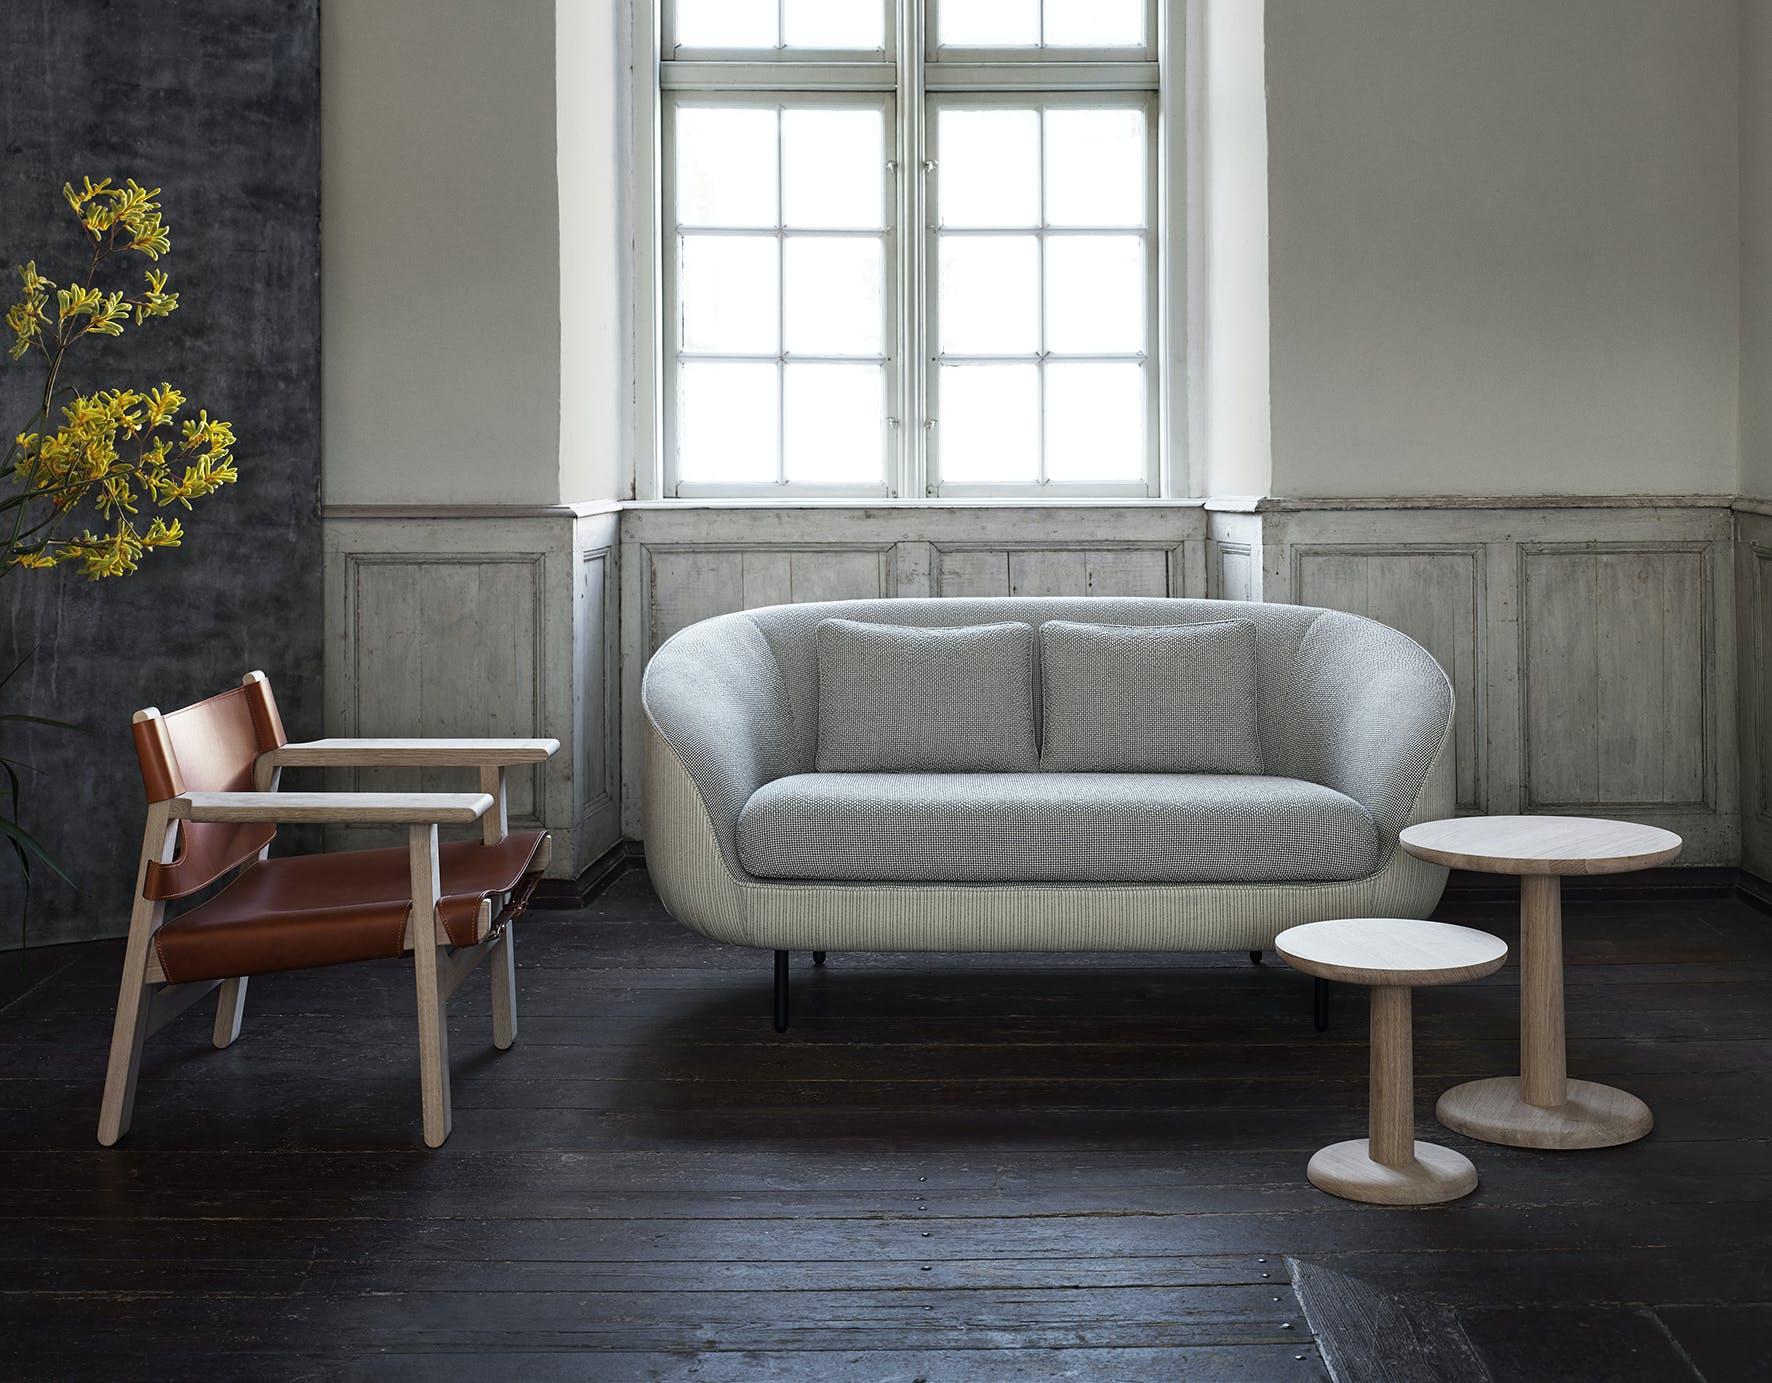 Fredericia Furniture Haiku 2 Seat Insitu Front Haute Living